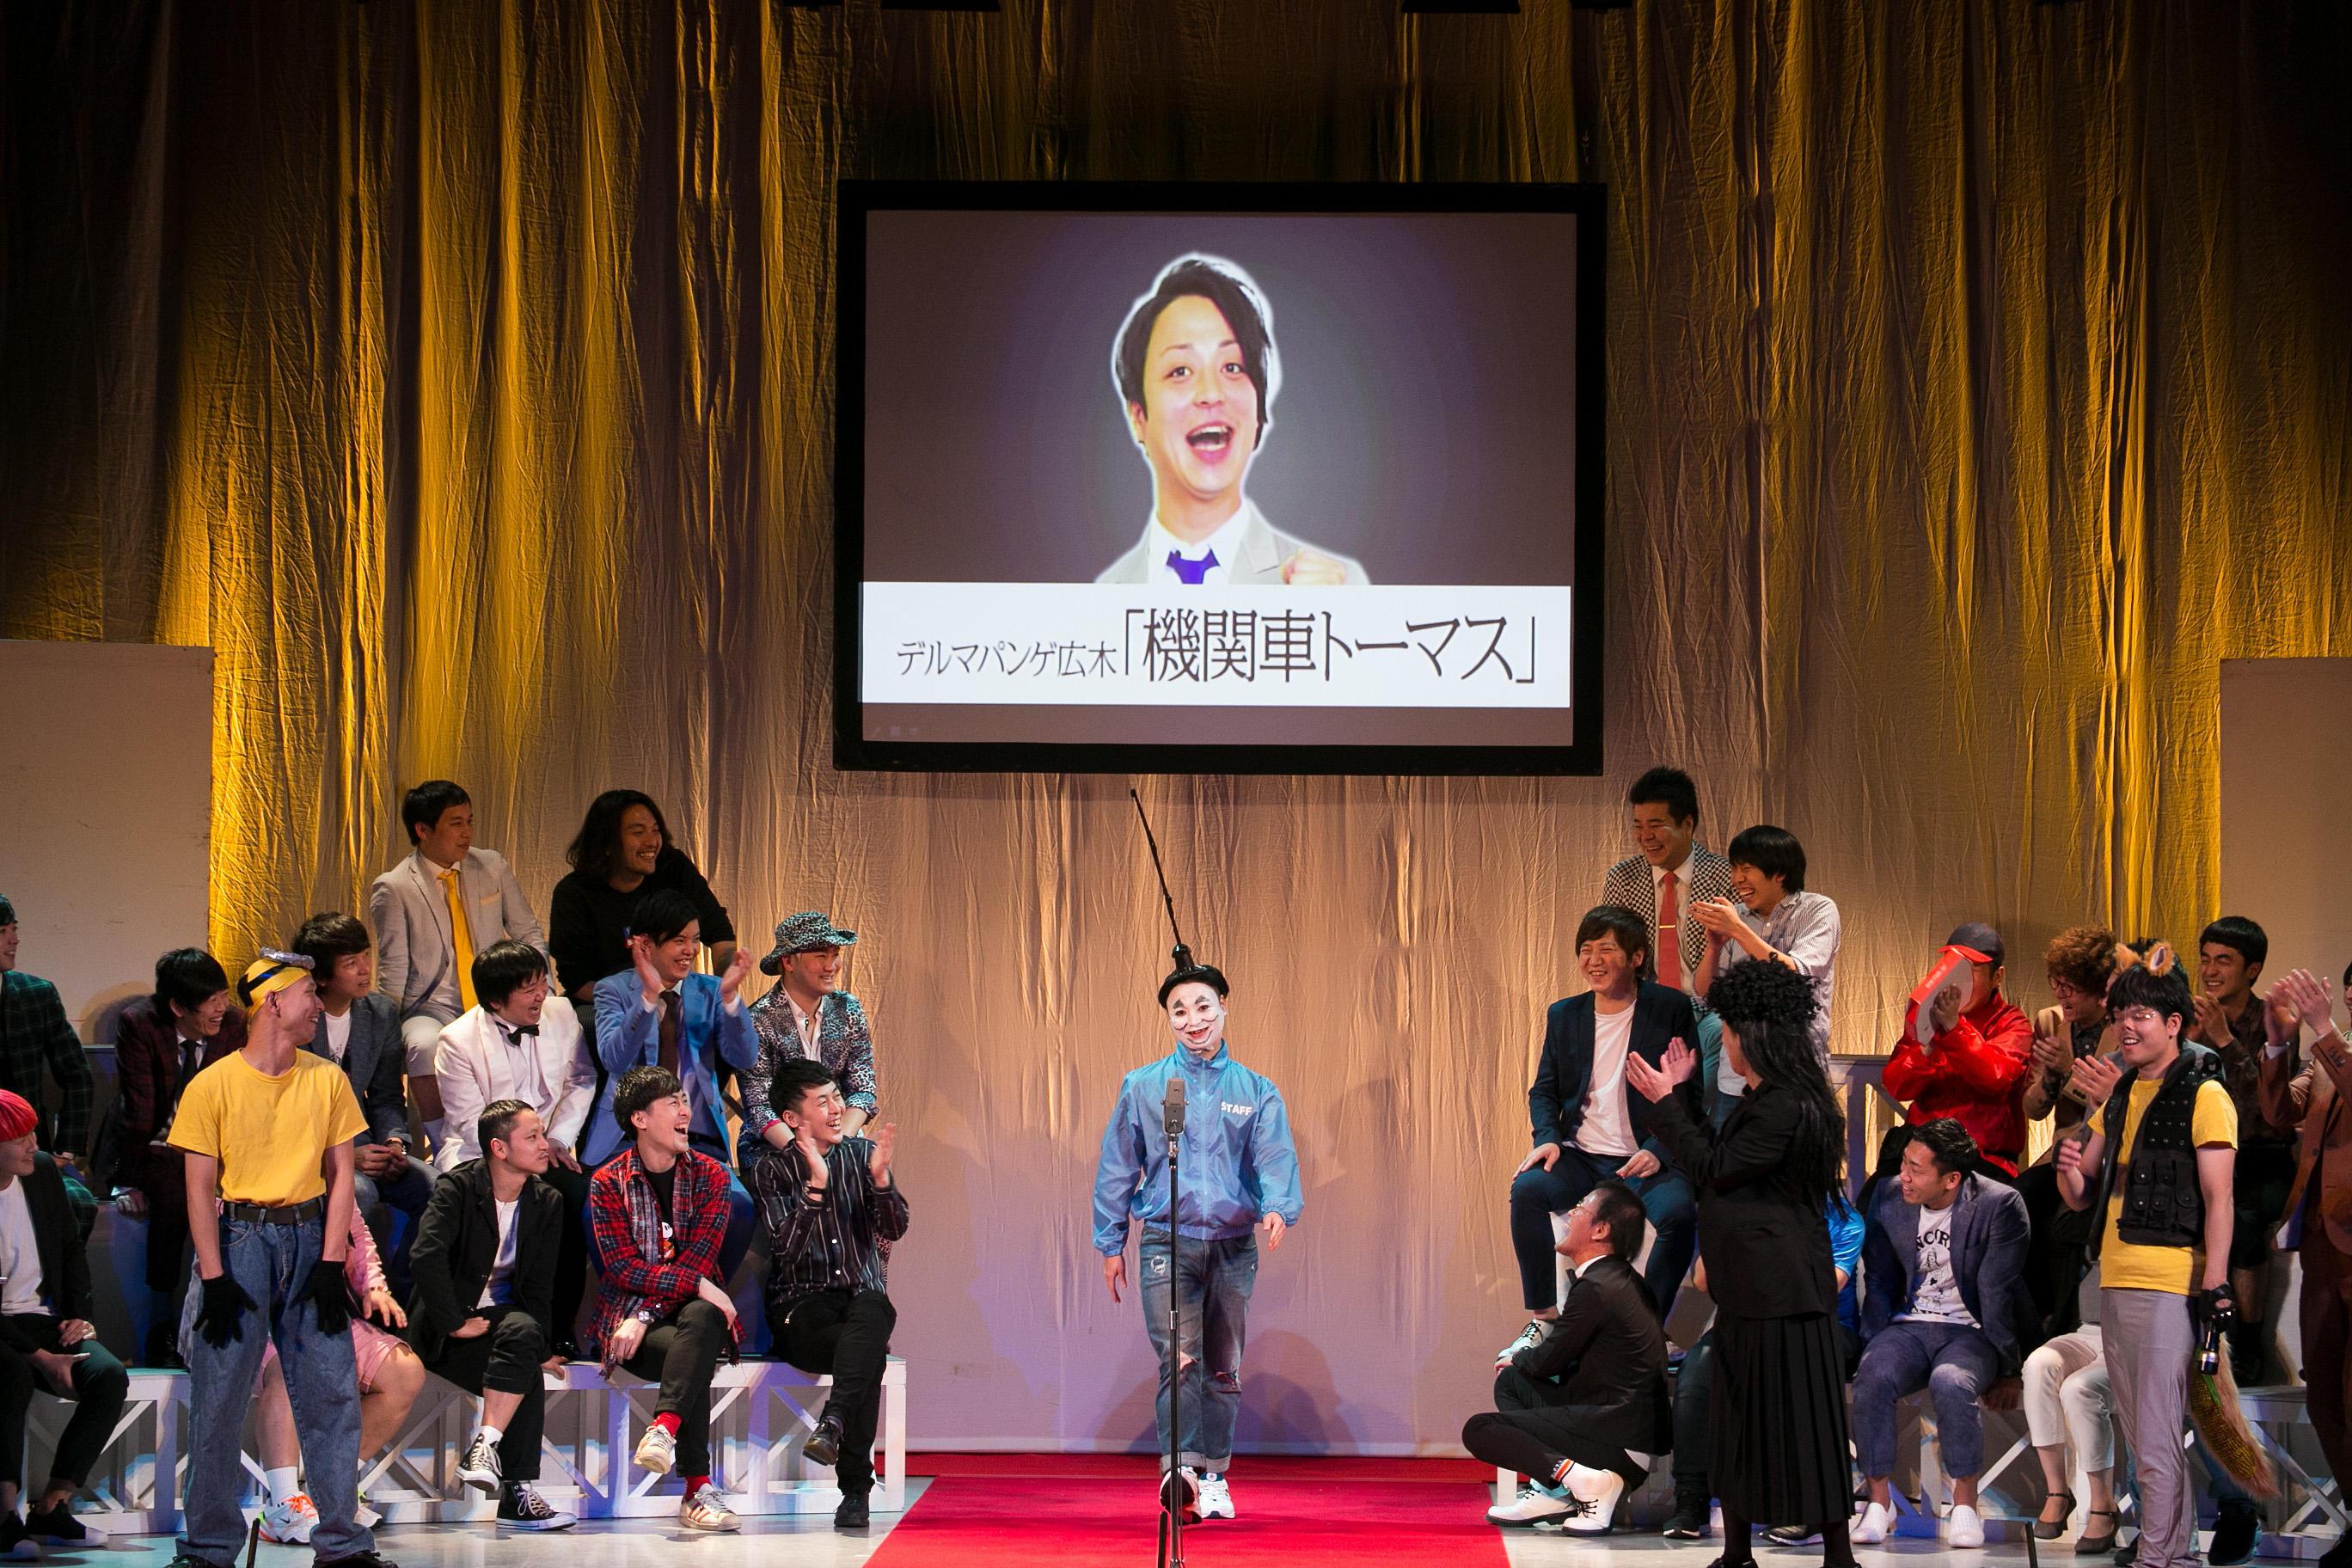 http://news.yoshimoto.co.jp/20181228112648-71c976dbb8ac698565209763bf853cee83b4e853.jpg